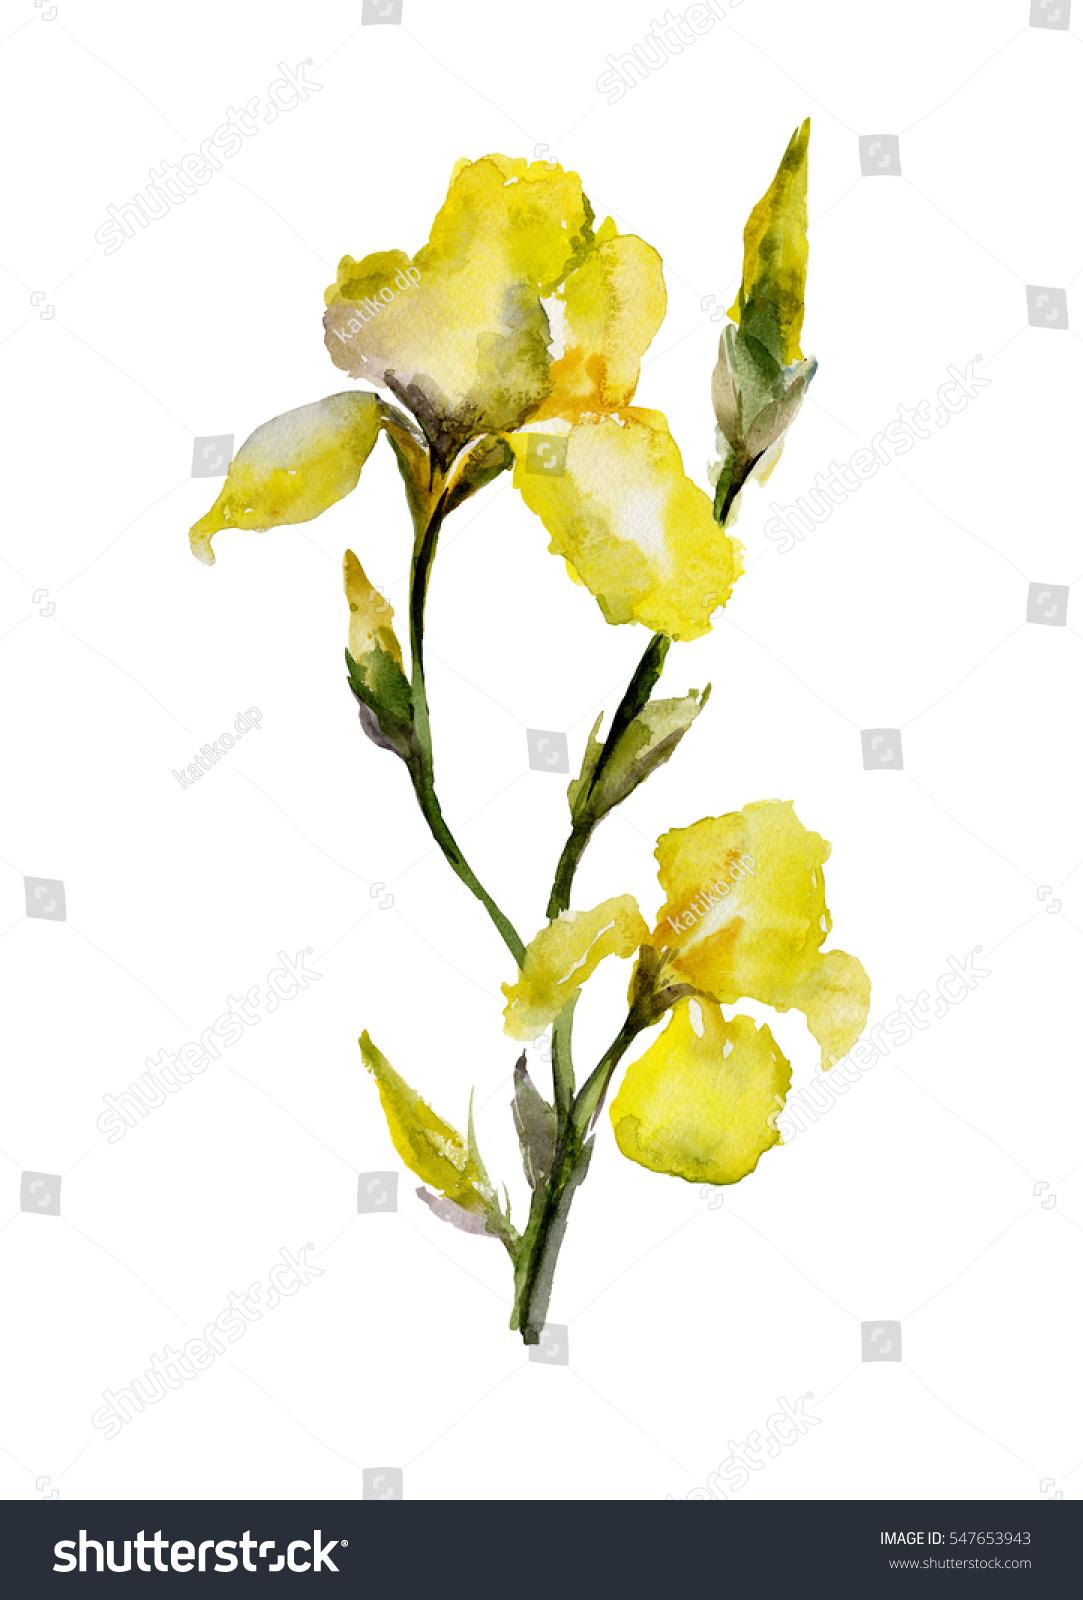 Beautiful yellow iris flowers and buds on white background id 547653943 izmirmasajfo